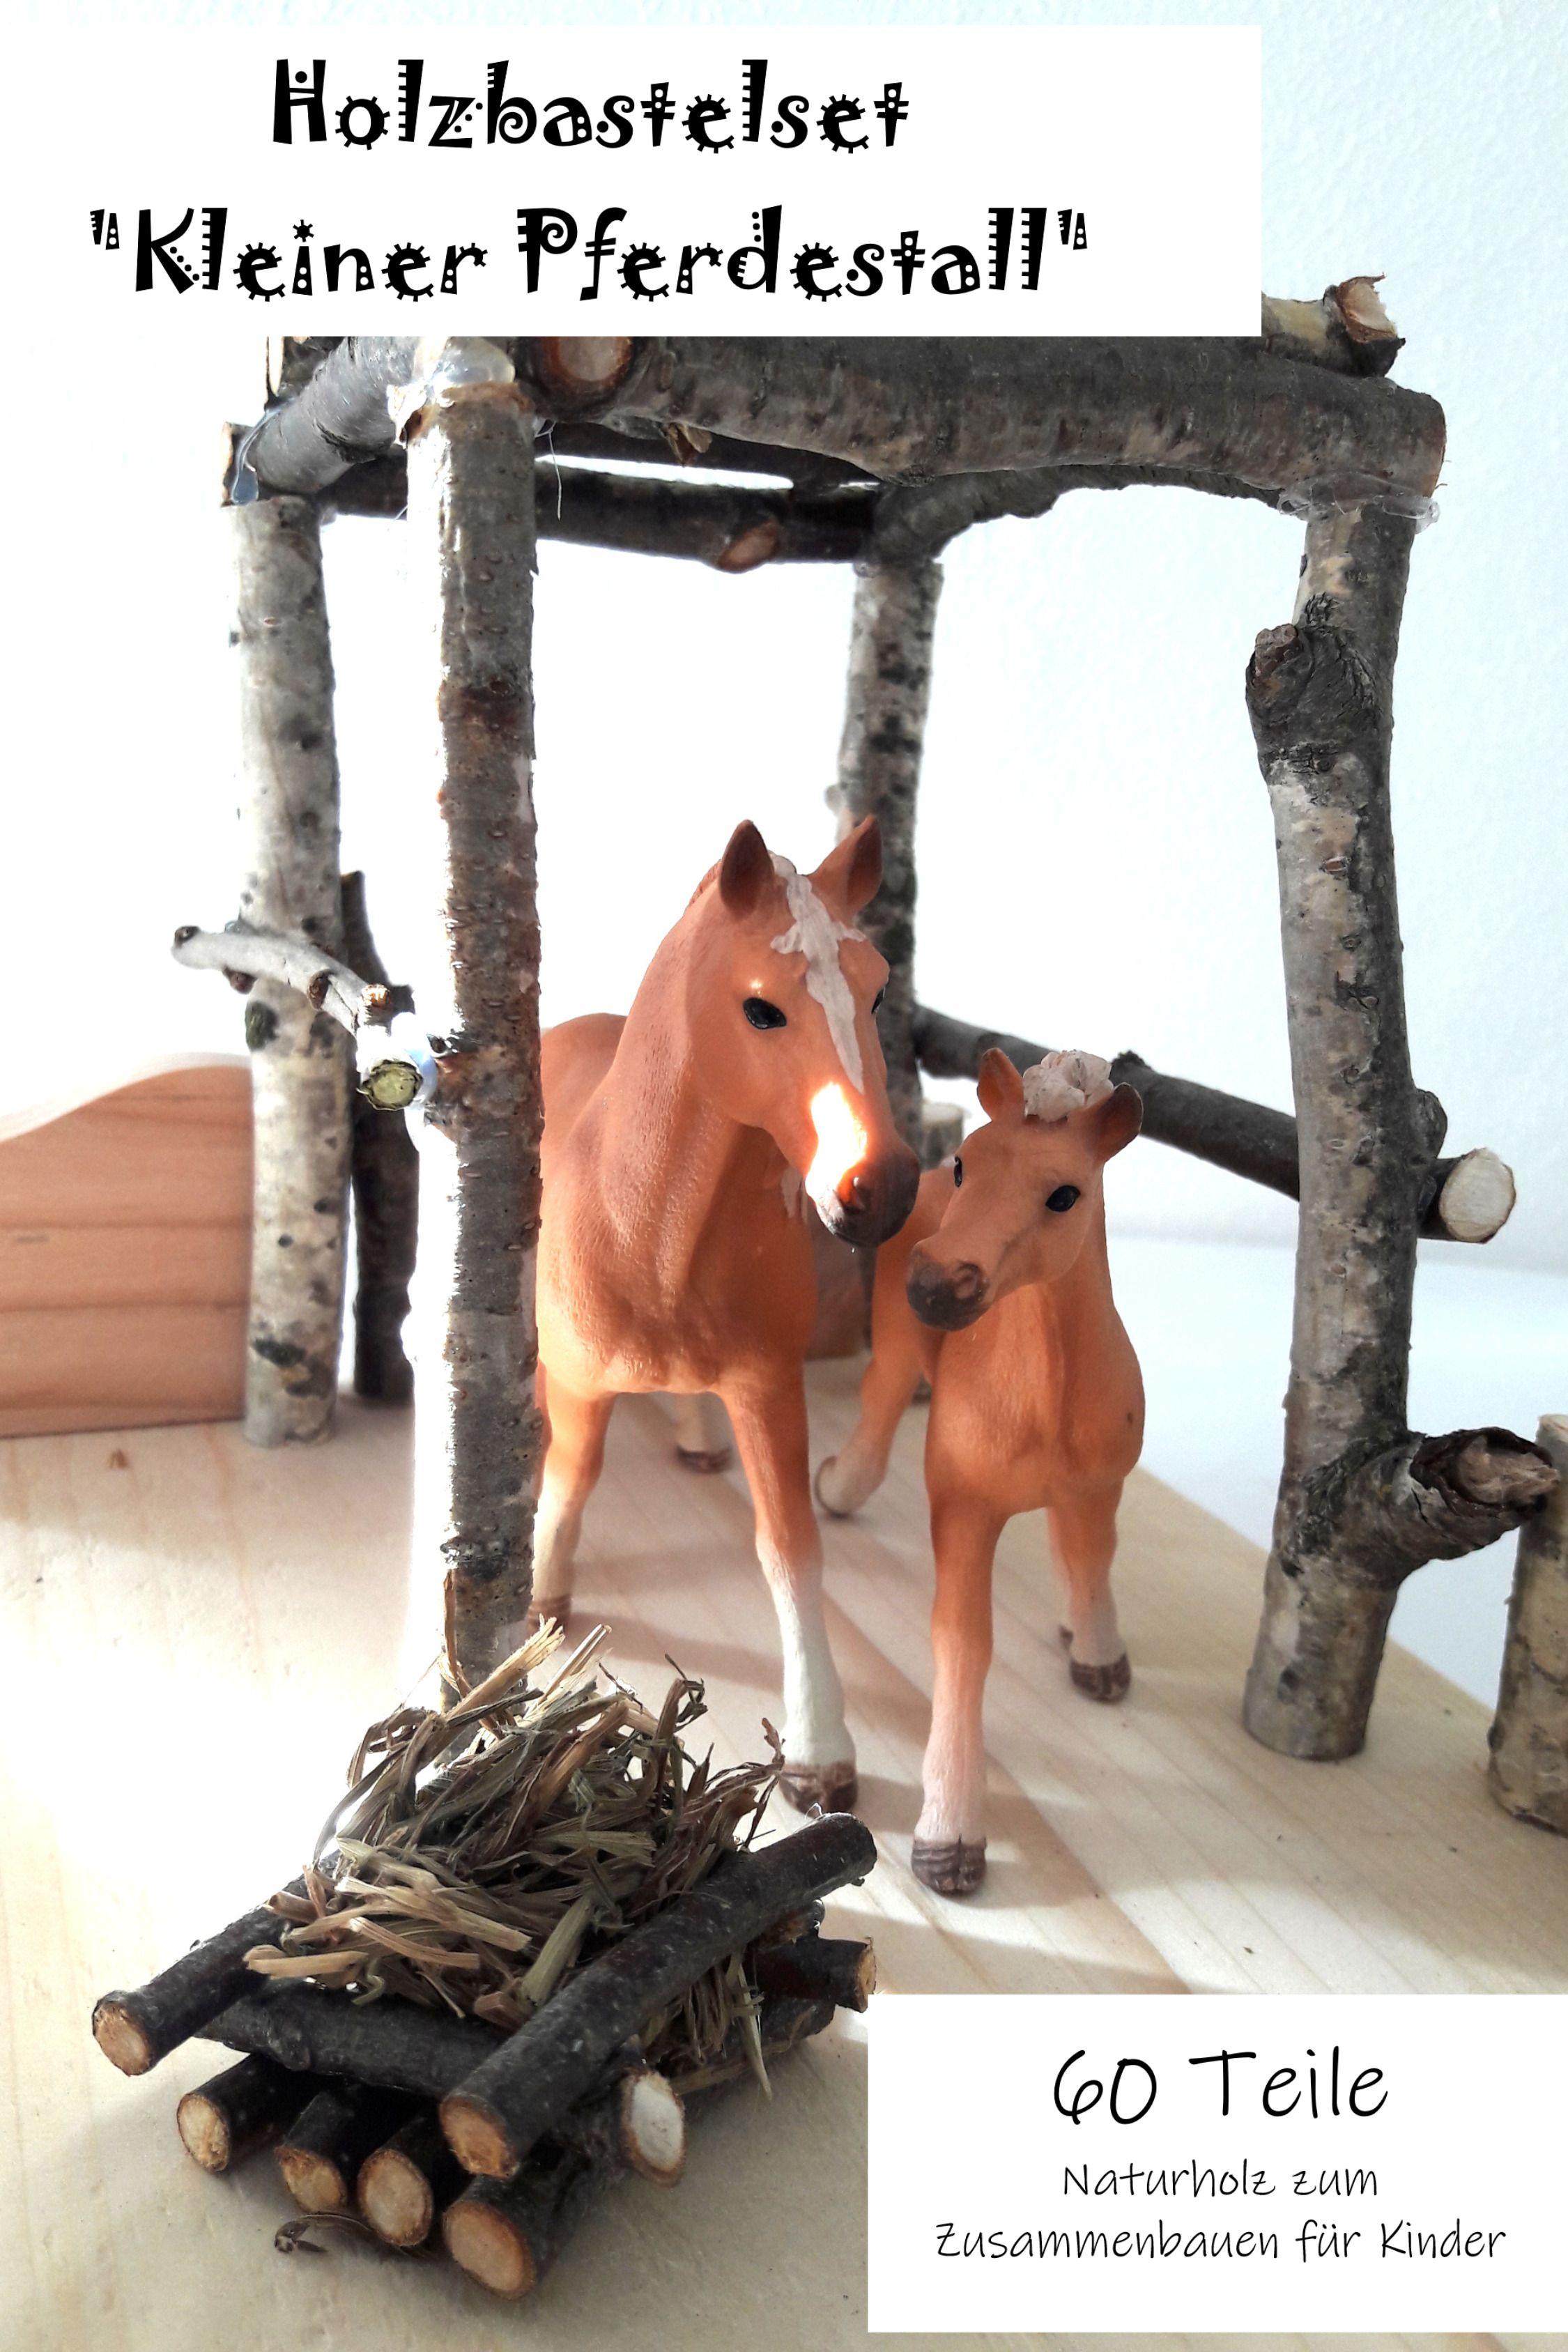 Tolles Geschenk Fur Pferdeliebhaber Mit Anleitung Zum Nachbauen